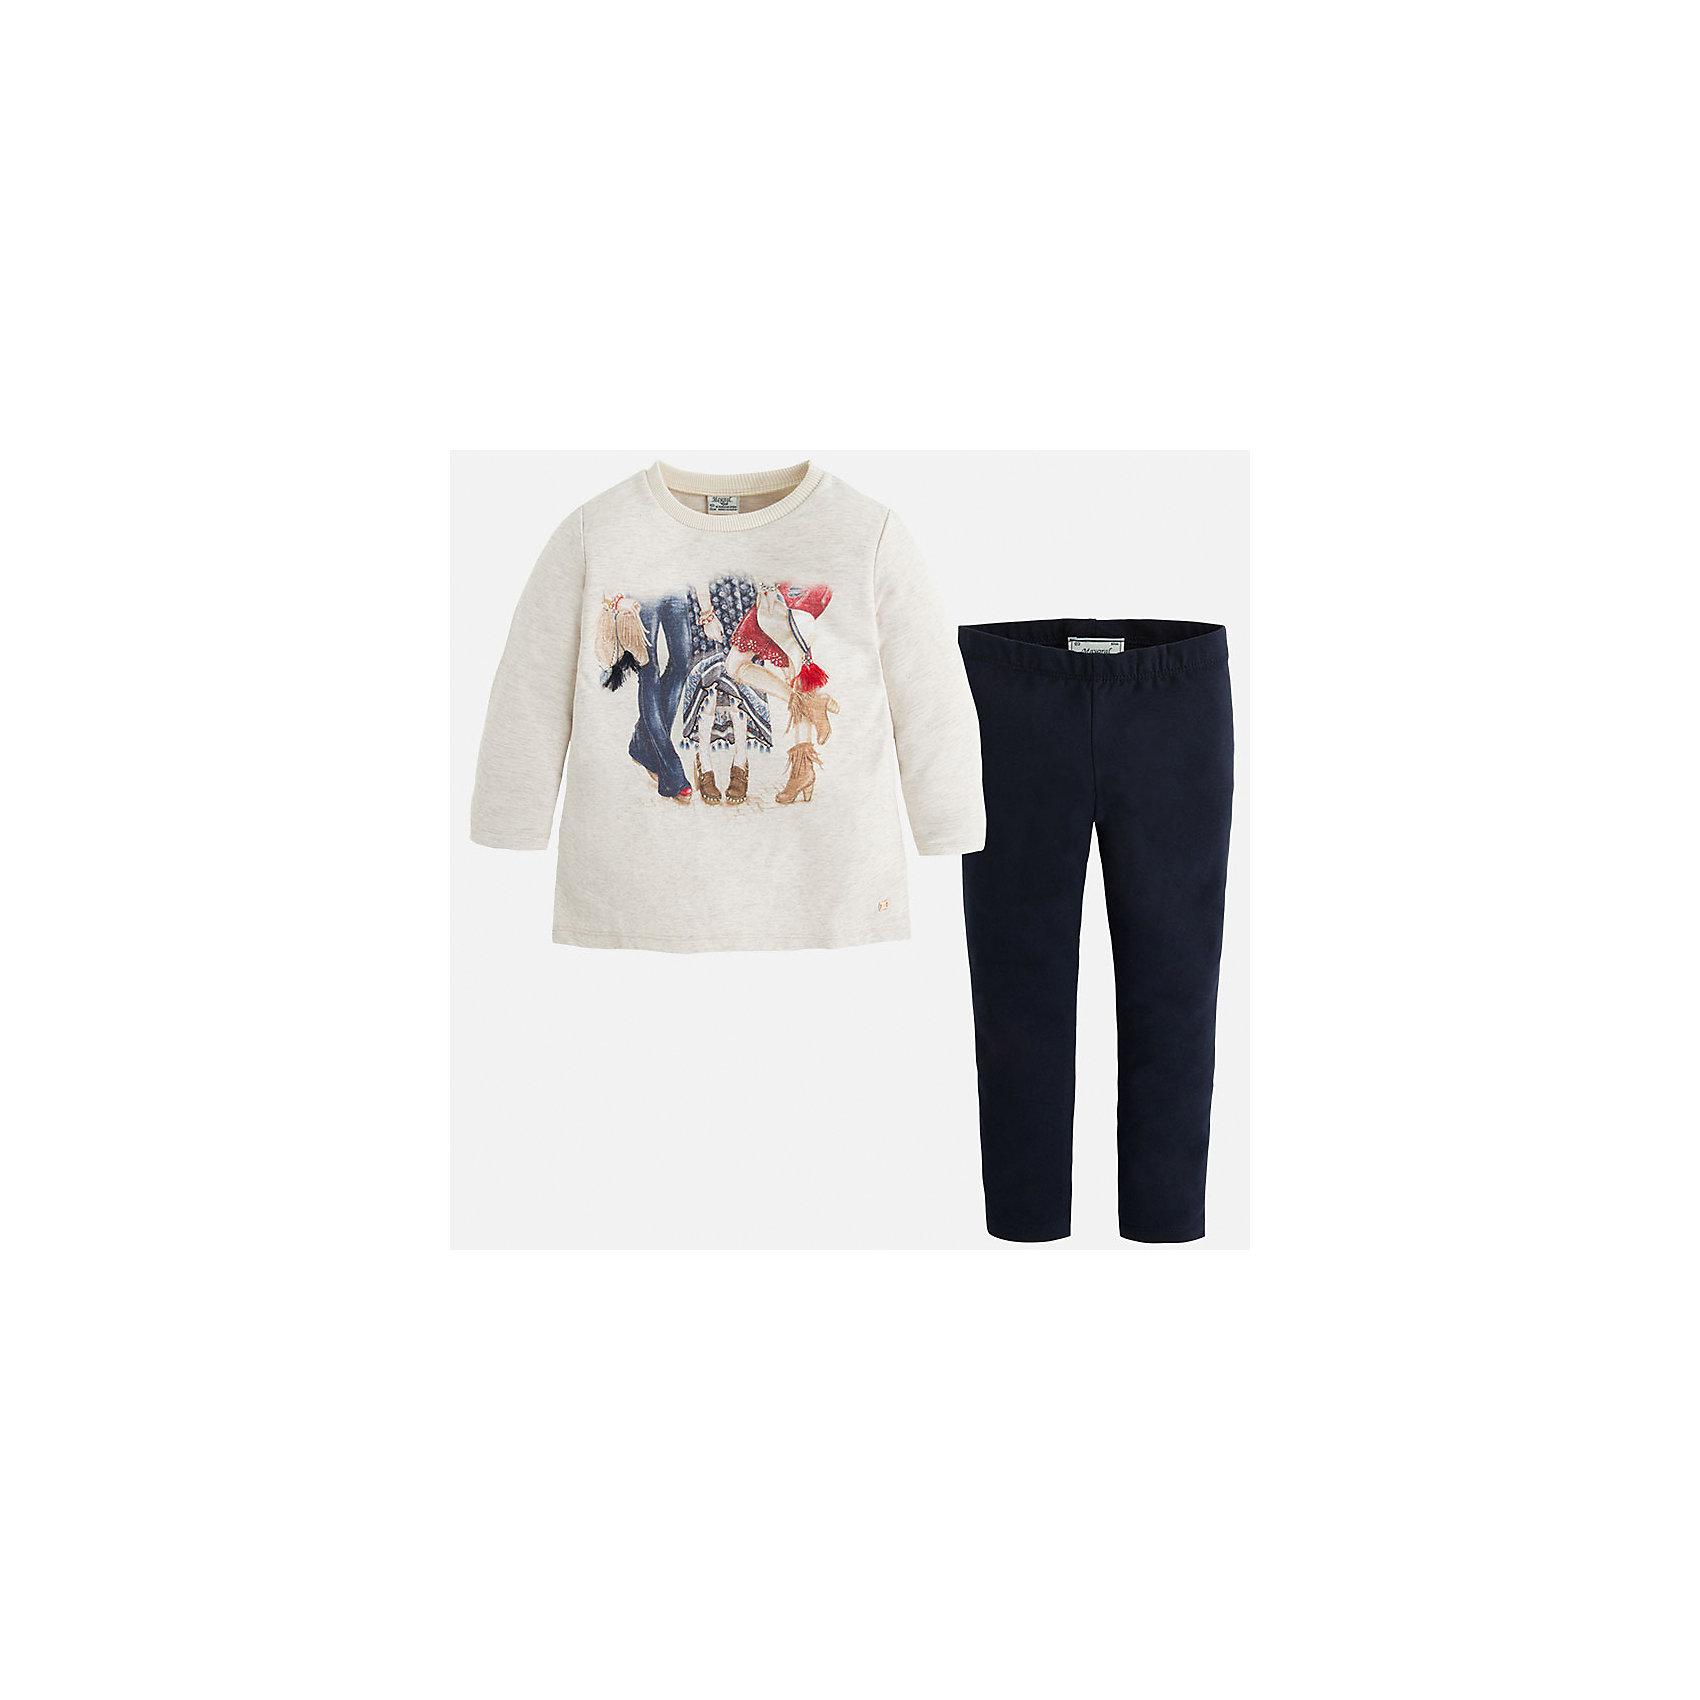 Комплект:футболка и леггинсы для девочки MayoralКомплекты<br>Комплект из свитера и леггинсов от известного испанского бренда Mayoral(Майорал). Классические теvно-синие леггинсы в сочетании со светлым свитером отлично подойдут для прогулок и важных мероприятий. Свитер украшен необычным принтом. Прекрасный выбор для стильных девочек!<br>Дополнительная информация:<br>-свитер украшен крупным принтом<br>-цвет: темно-синий/белый<br>-состав: свитер: 81% хлопок, 17% полиэстер, 2% эластан; леггинсы: 95% хлопок, 5% эластан<br>Комплект из свитера и леггинсов Mayoral(Майорал) вы можете приобрести в нашем интернет-магазине.<br><br>Ширина мм: 123<br>Глубина мм: 10<br>Высота мм: 149<br>Вес г: 209<br>Цвет: синий<br>Возраст от месяцев: 24<br>Возраст до месяцев: 36<br>Пол: Женский<br>Возраст: Детский<br>Размер: 98,92,122,116,128,134,110,104<br>SKU: 4844125